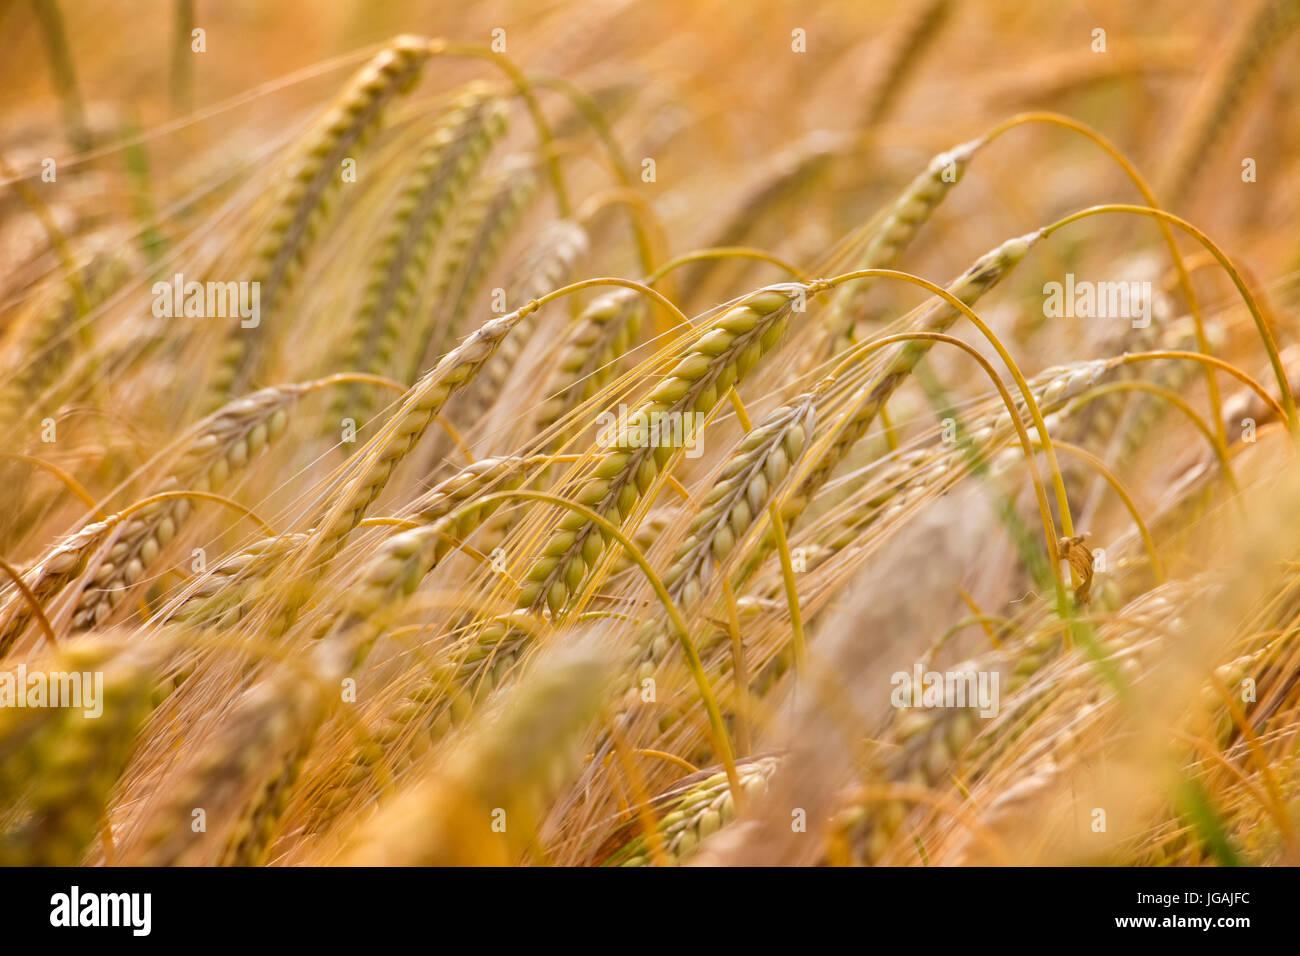 Cosecha de Cebada de invierno en junio. Lincolnshire, Inglaterra, Reino Unido. Imagen De Stock